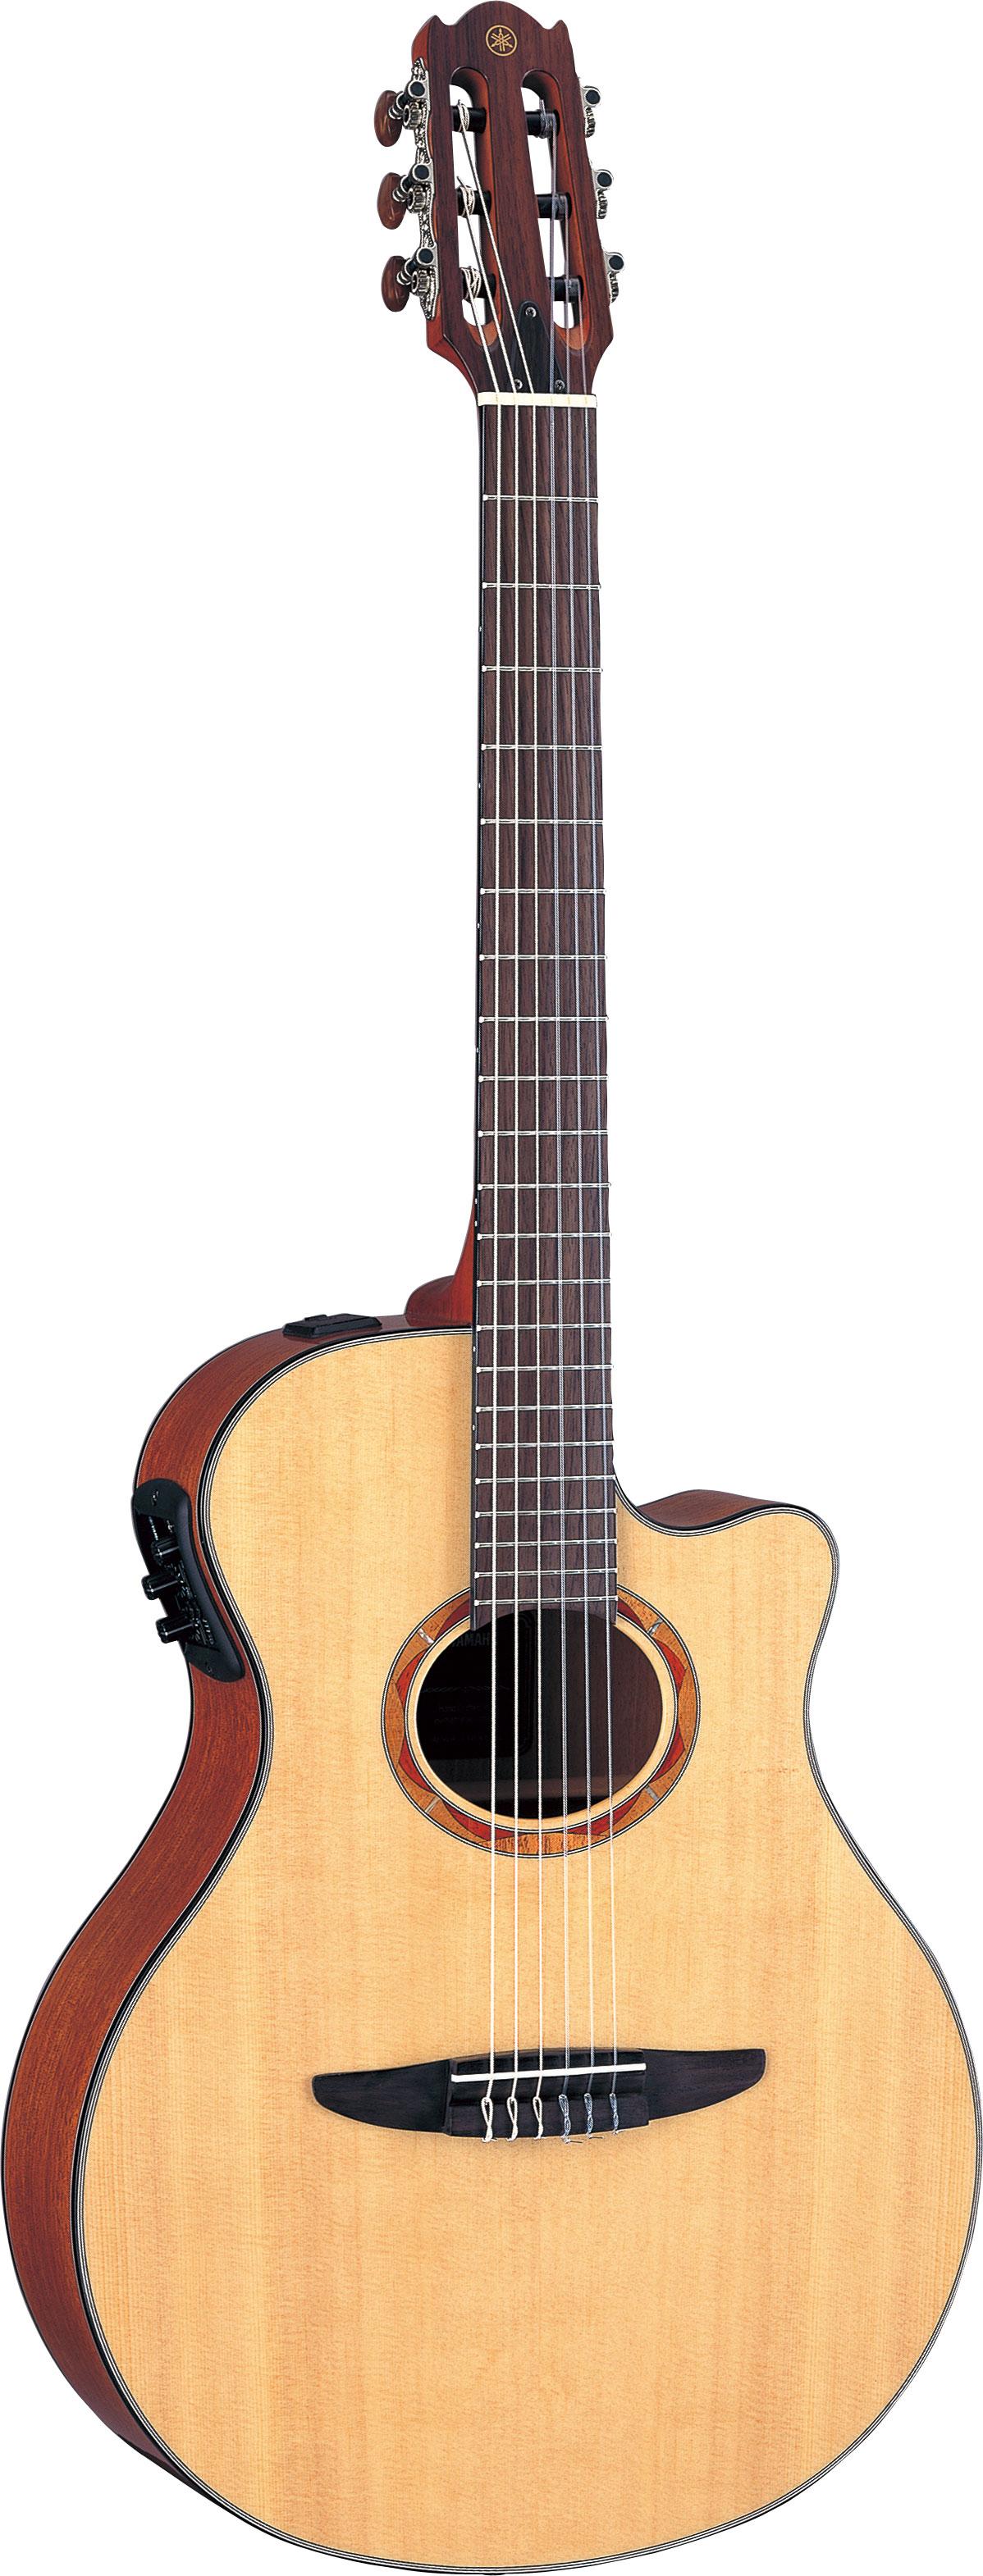 Guitares Western : Guitare électro acoustique nylon Yamaha ...